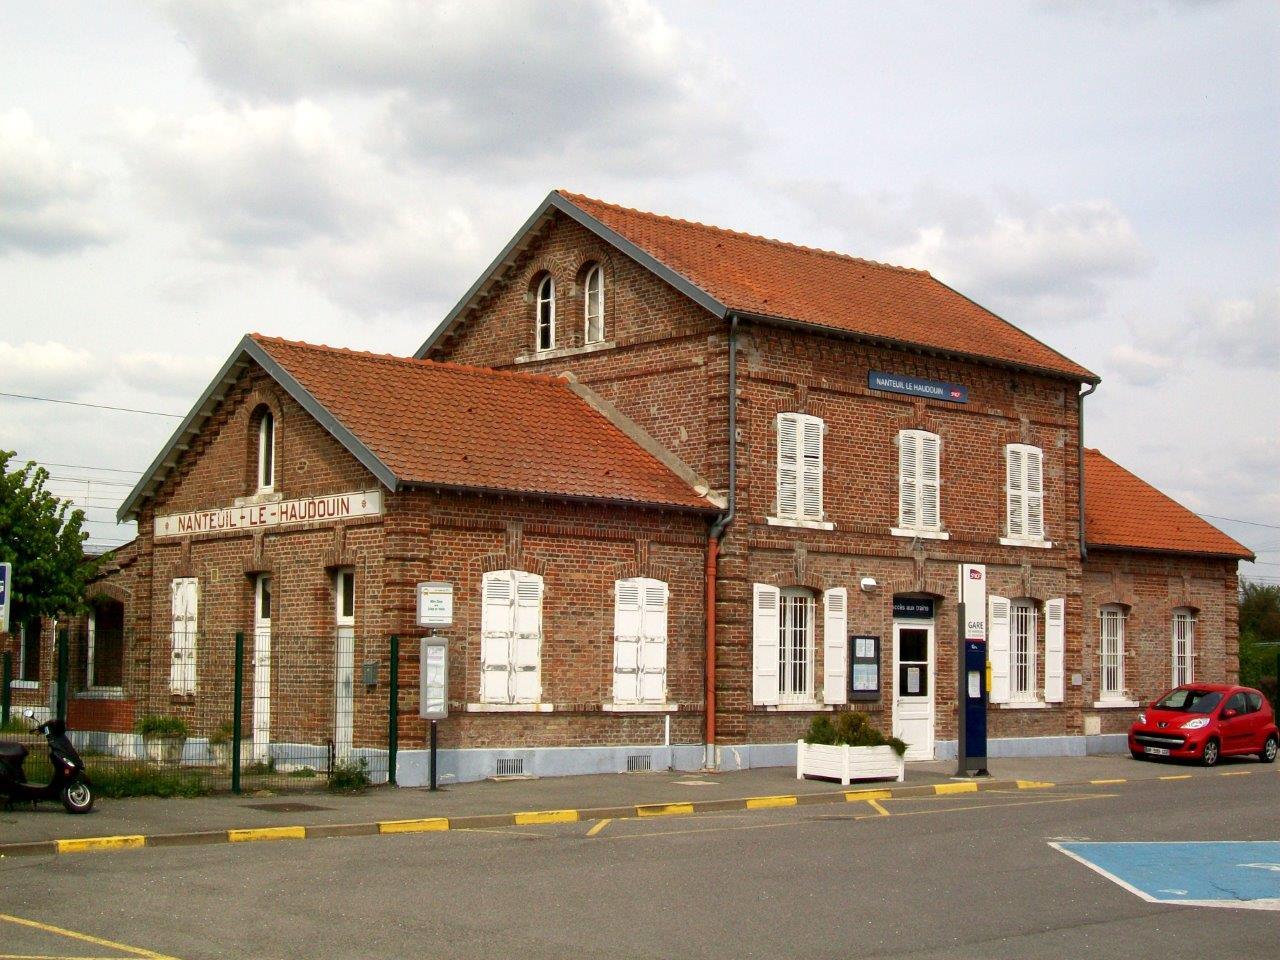 gare-de-nanteuil-le-haudouin-train-station